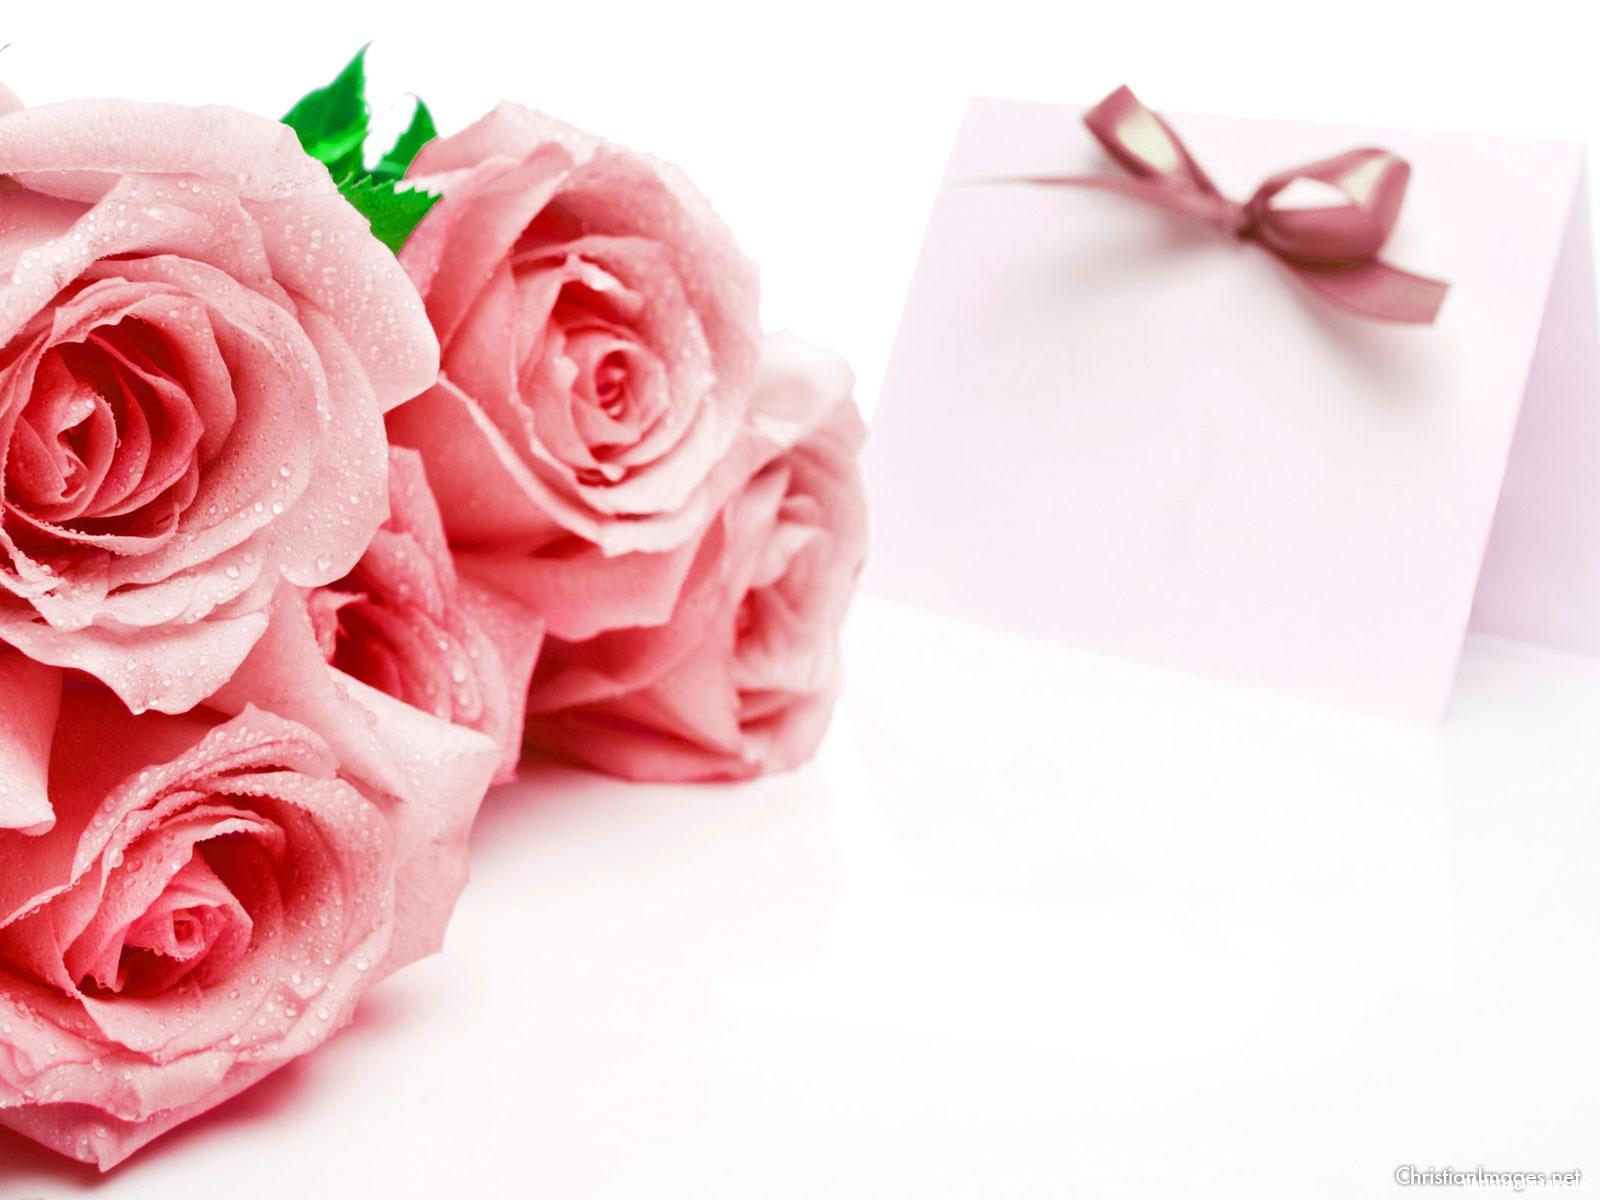 Red Rose Presentation Background